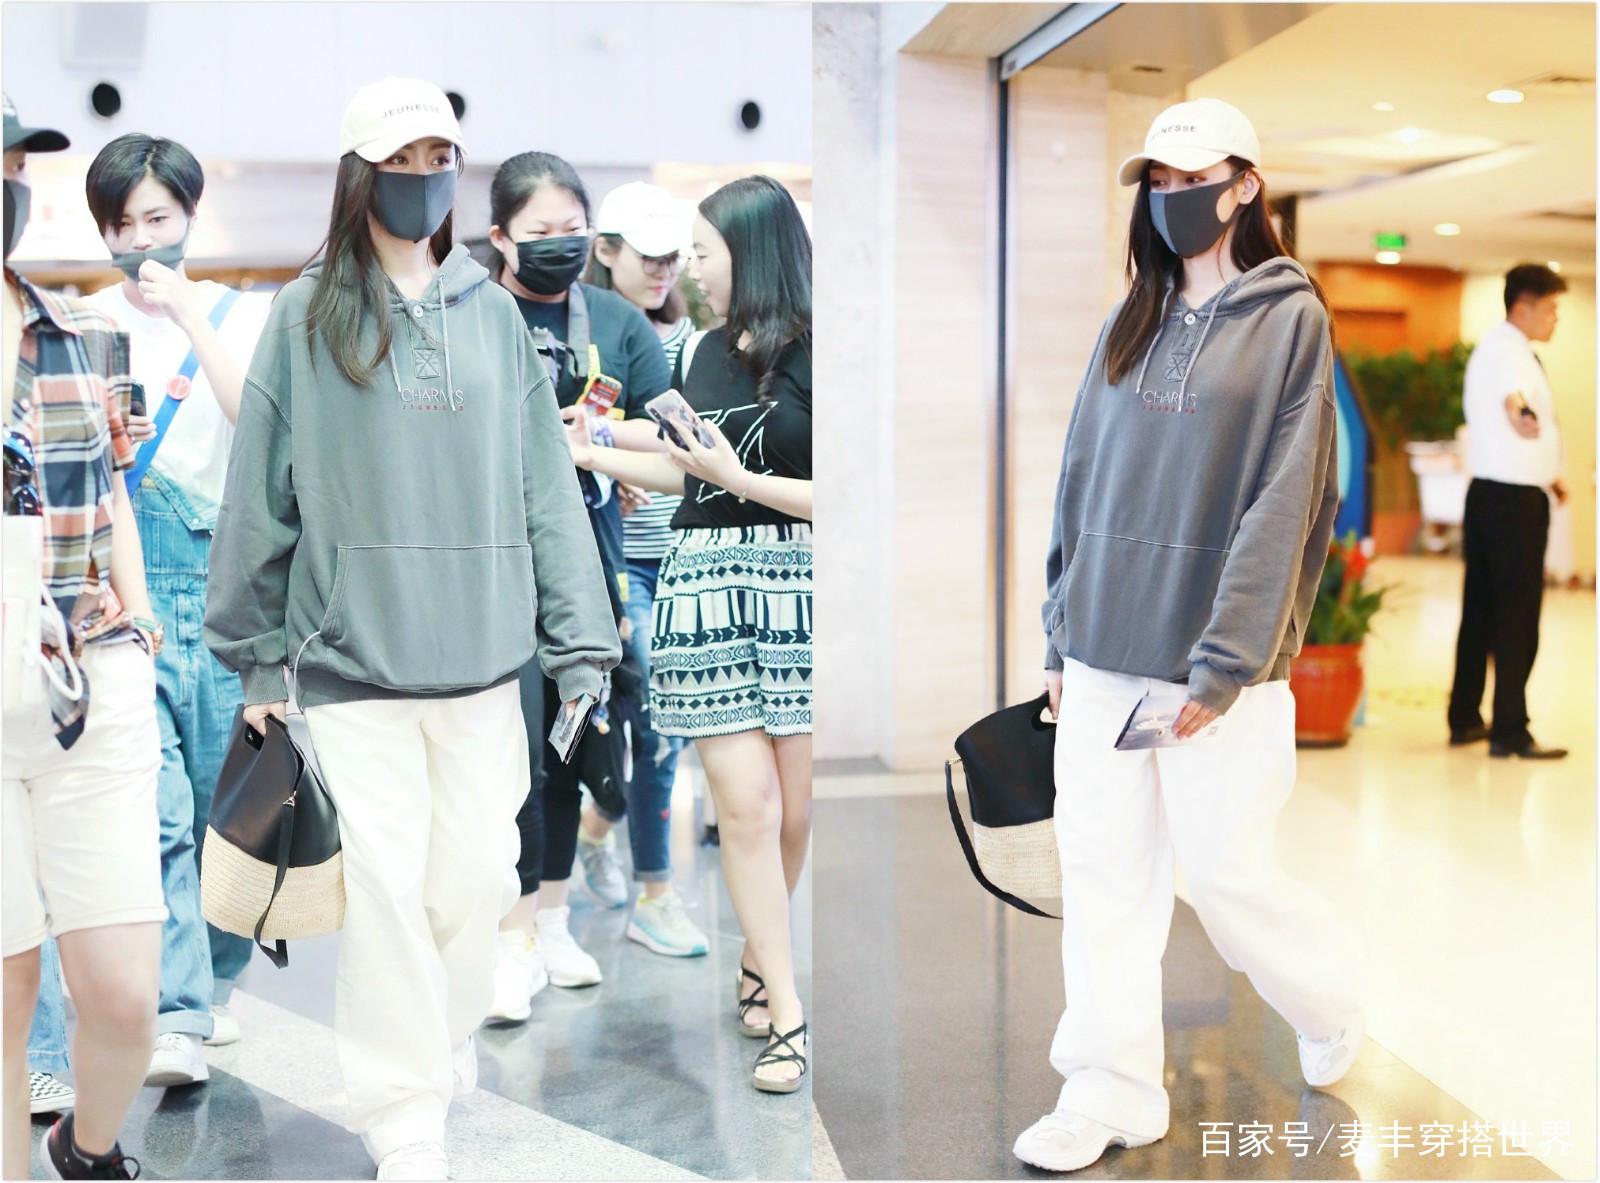 张天爱机场现身,穿宽松卫衣配白色休闲裤,身高165却气场满分